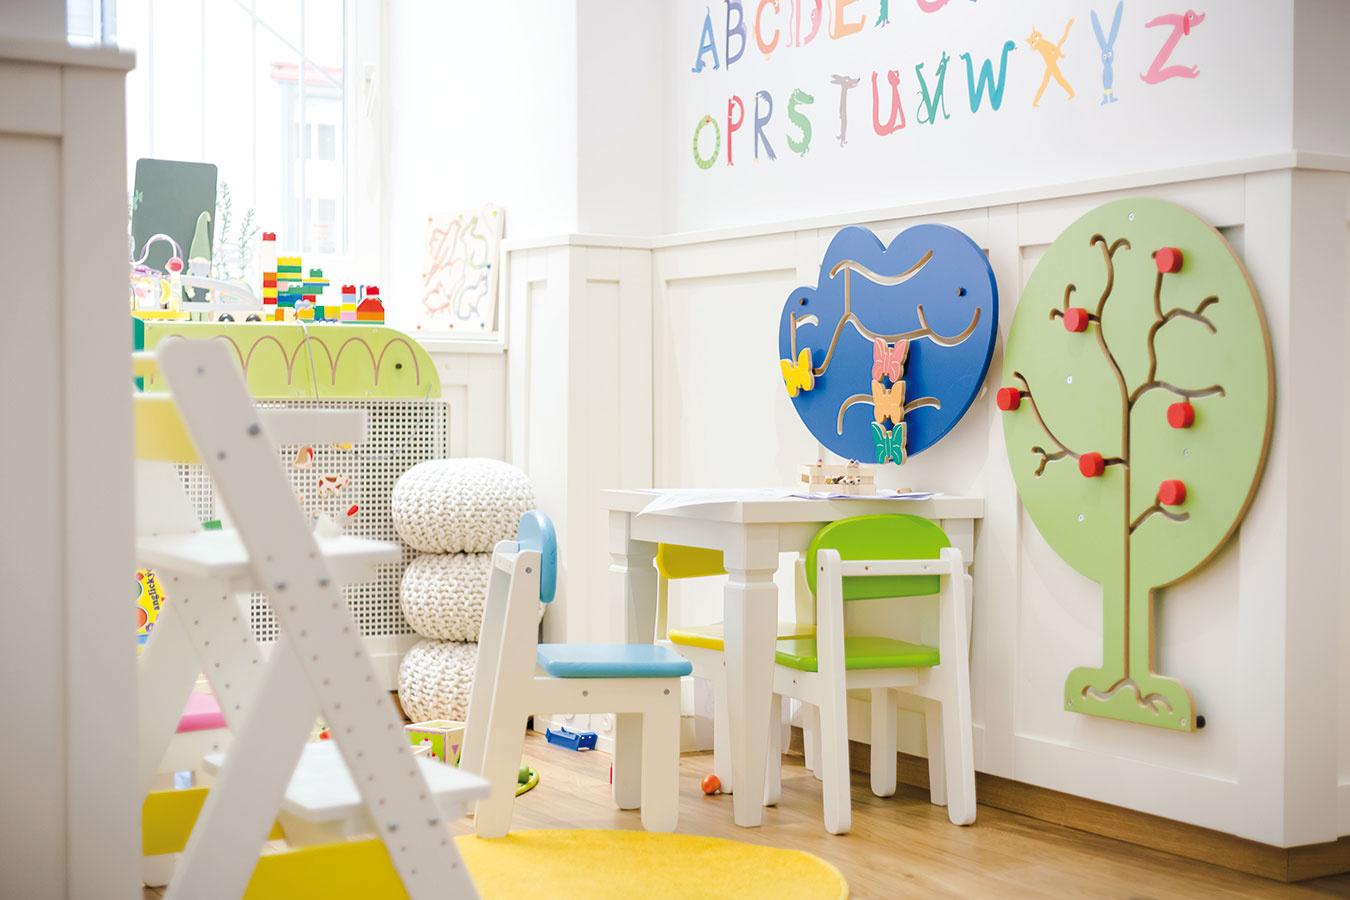 Detský kútik je dielkom majiteľky ajej dcéry. Po výbere praktického nábytku do malého posedenia vybrali farby astoličky spoločne ich natreli. Drobná herňa môže byť inšpiráciou pre nejednu detskú izbu.